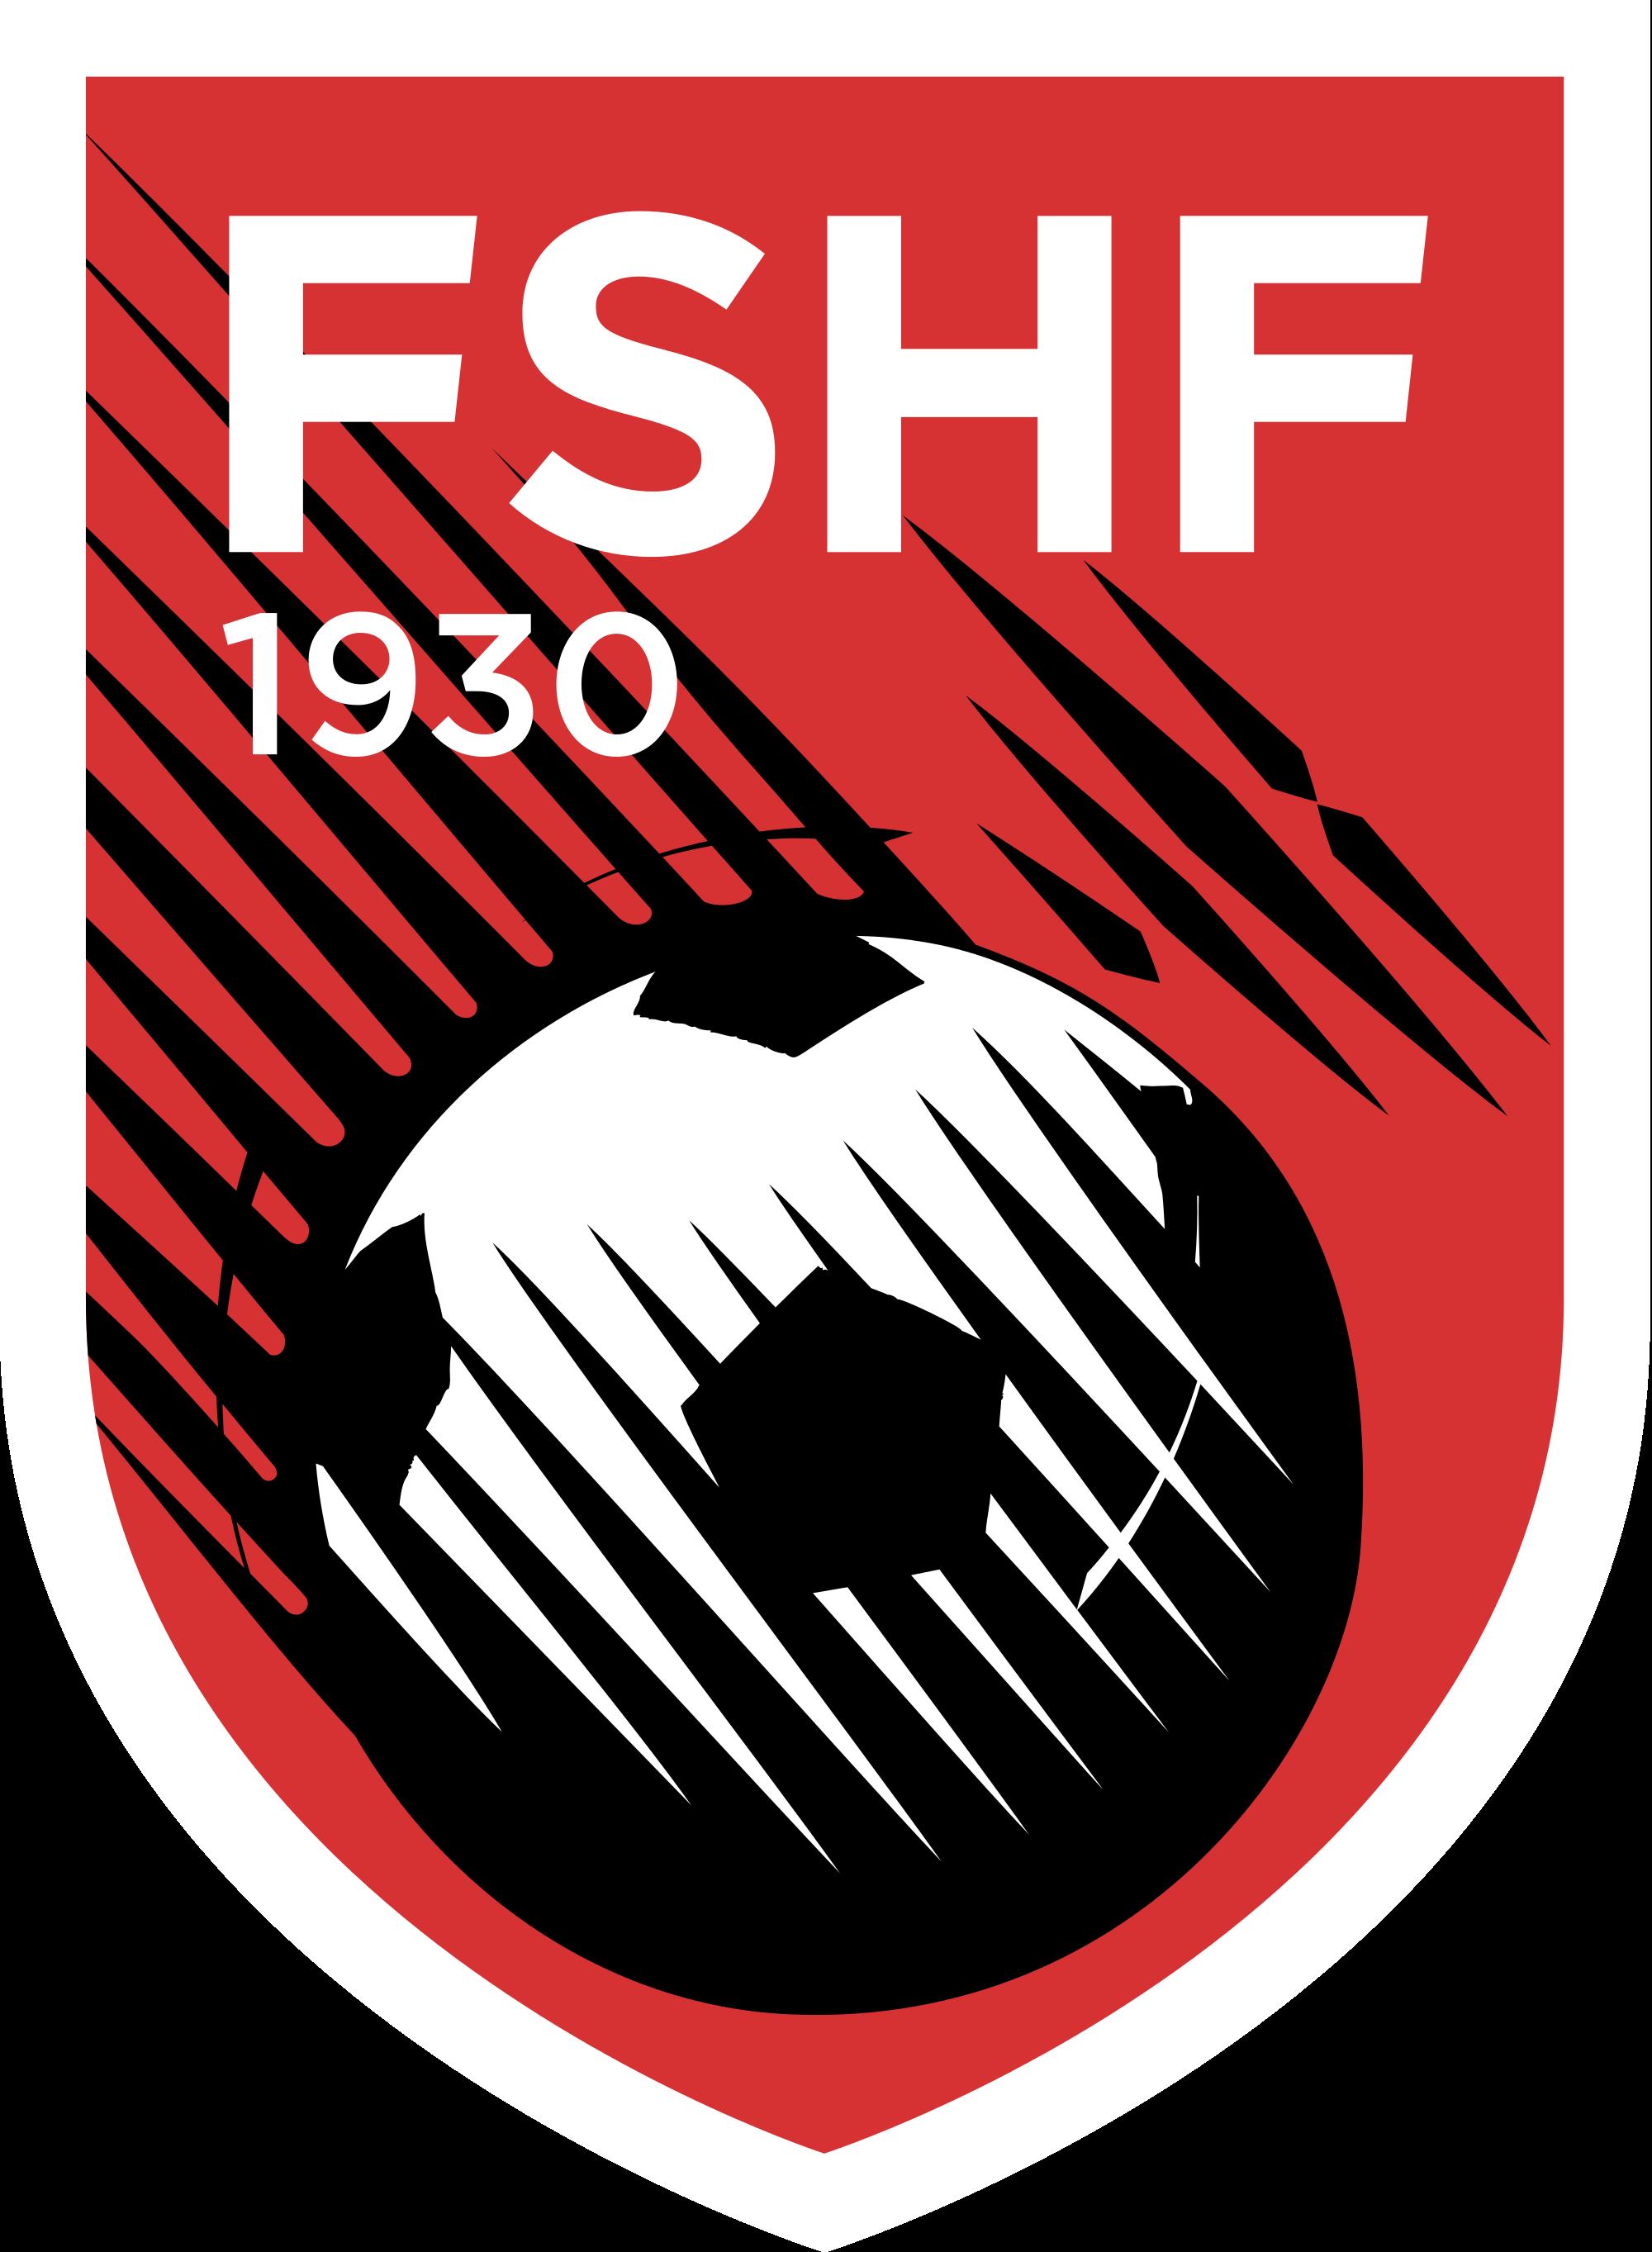 Albania Equipo de fútbol, Logos de futbol, Escudo